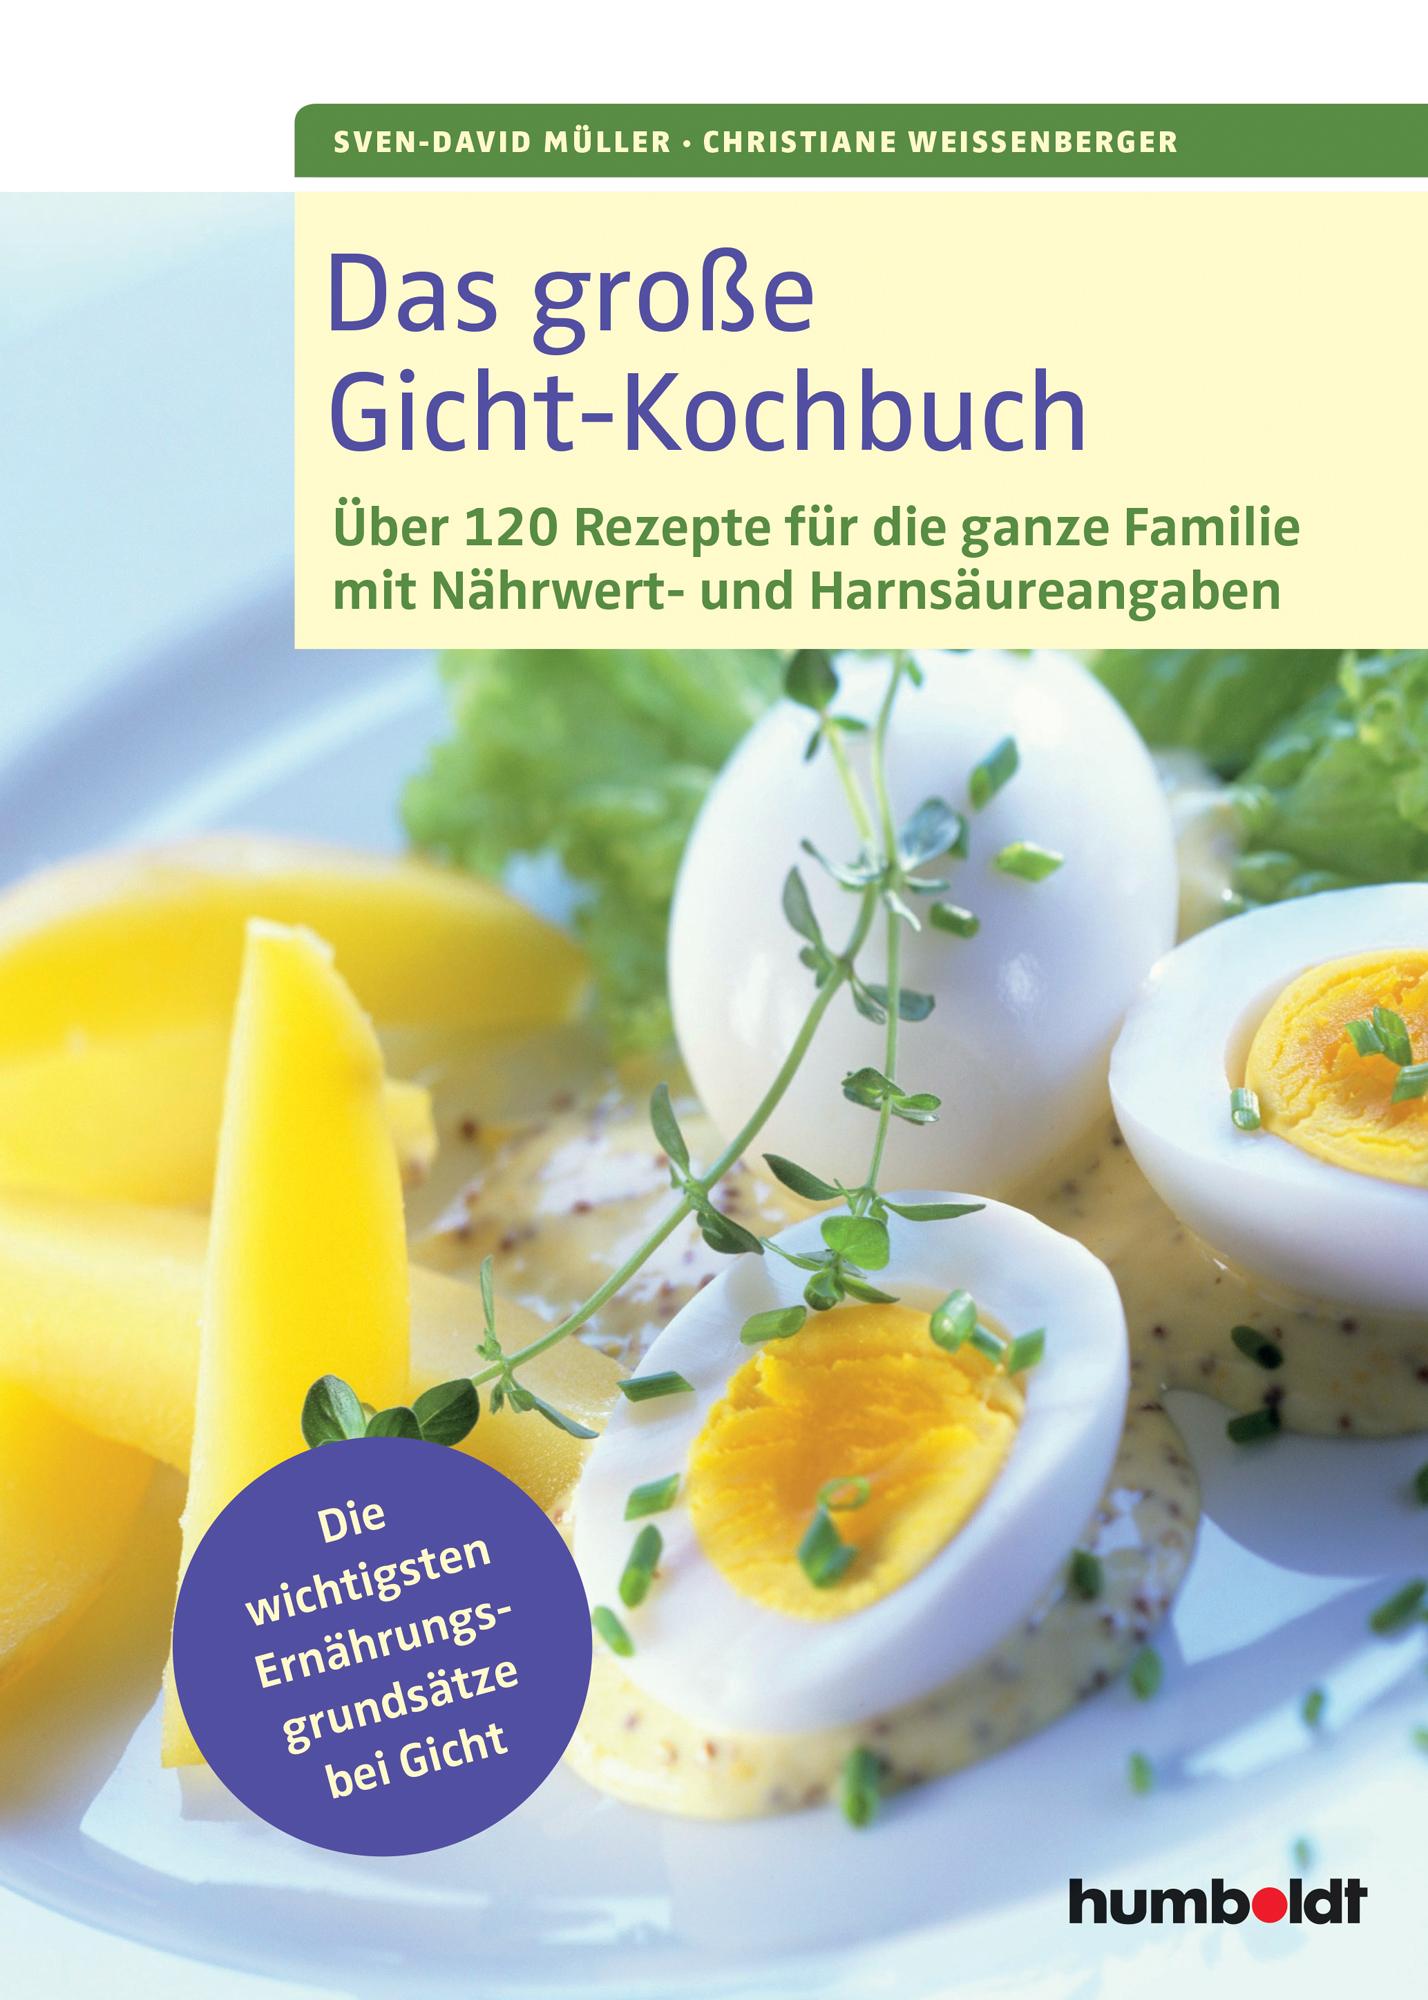 Das große Gicht- Kochbuch